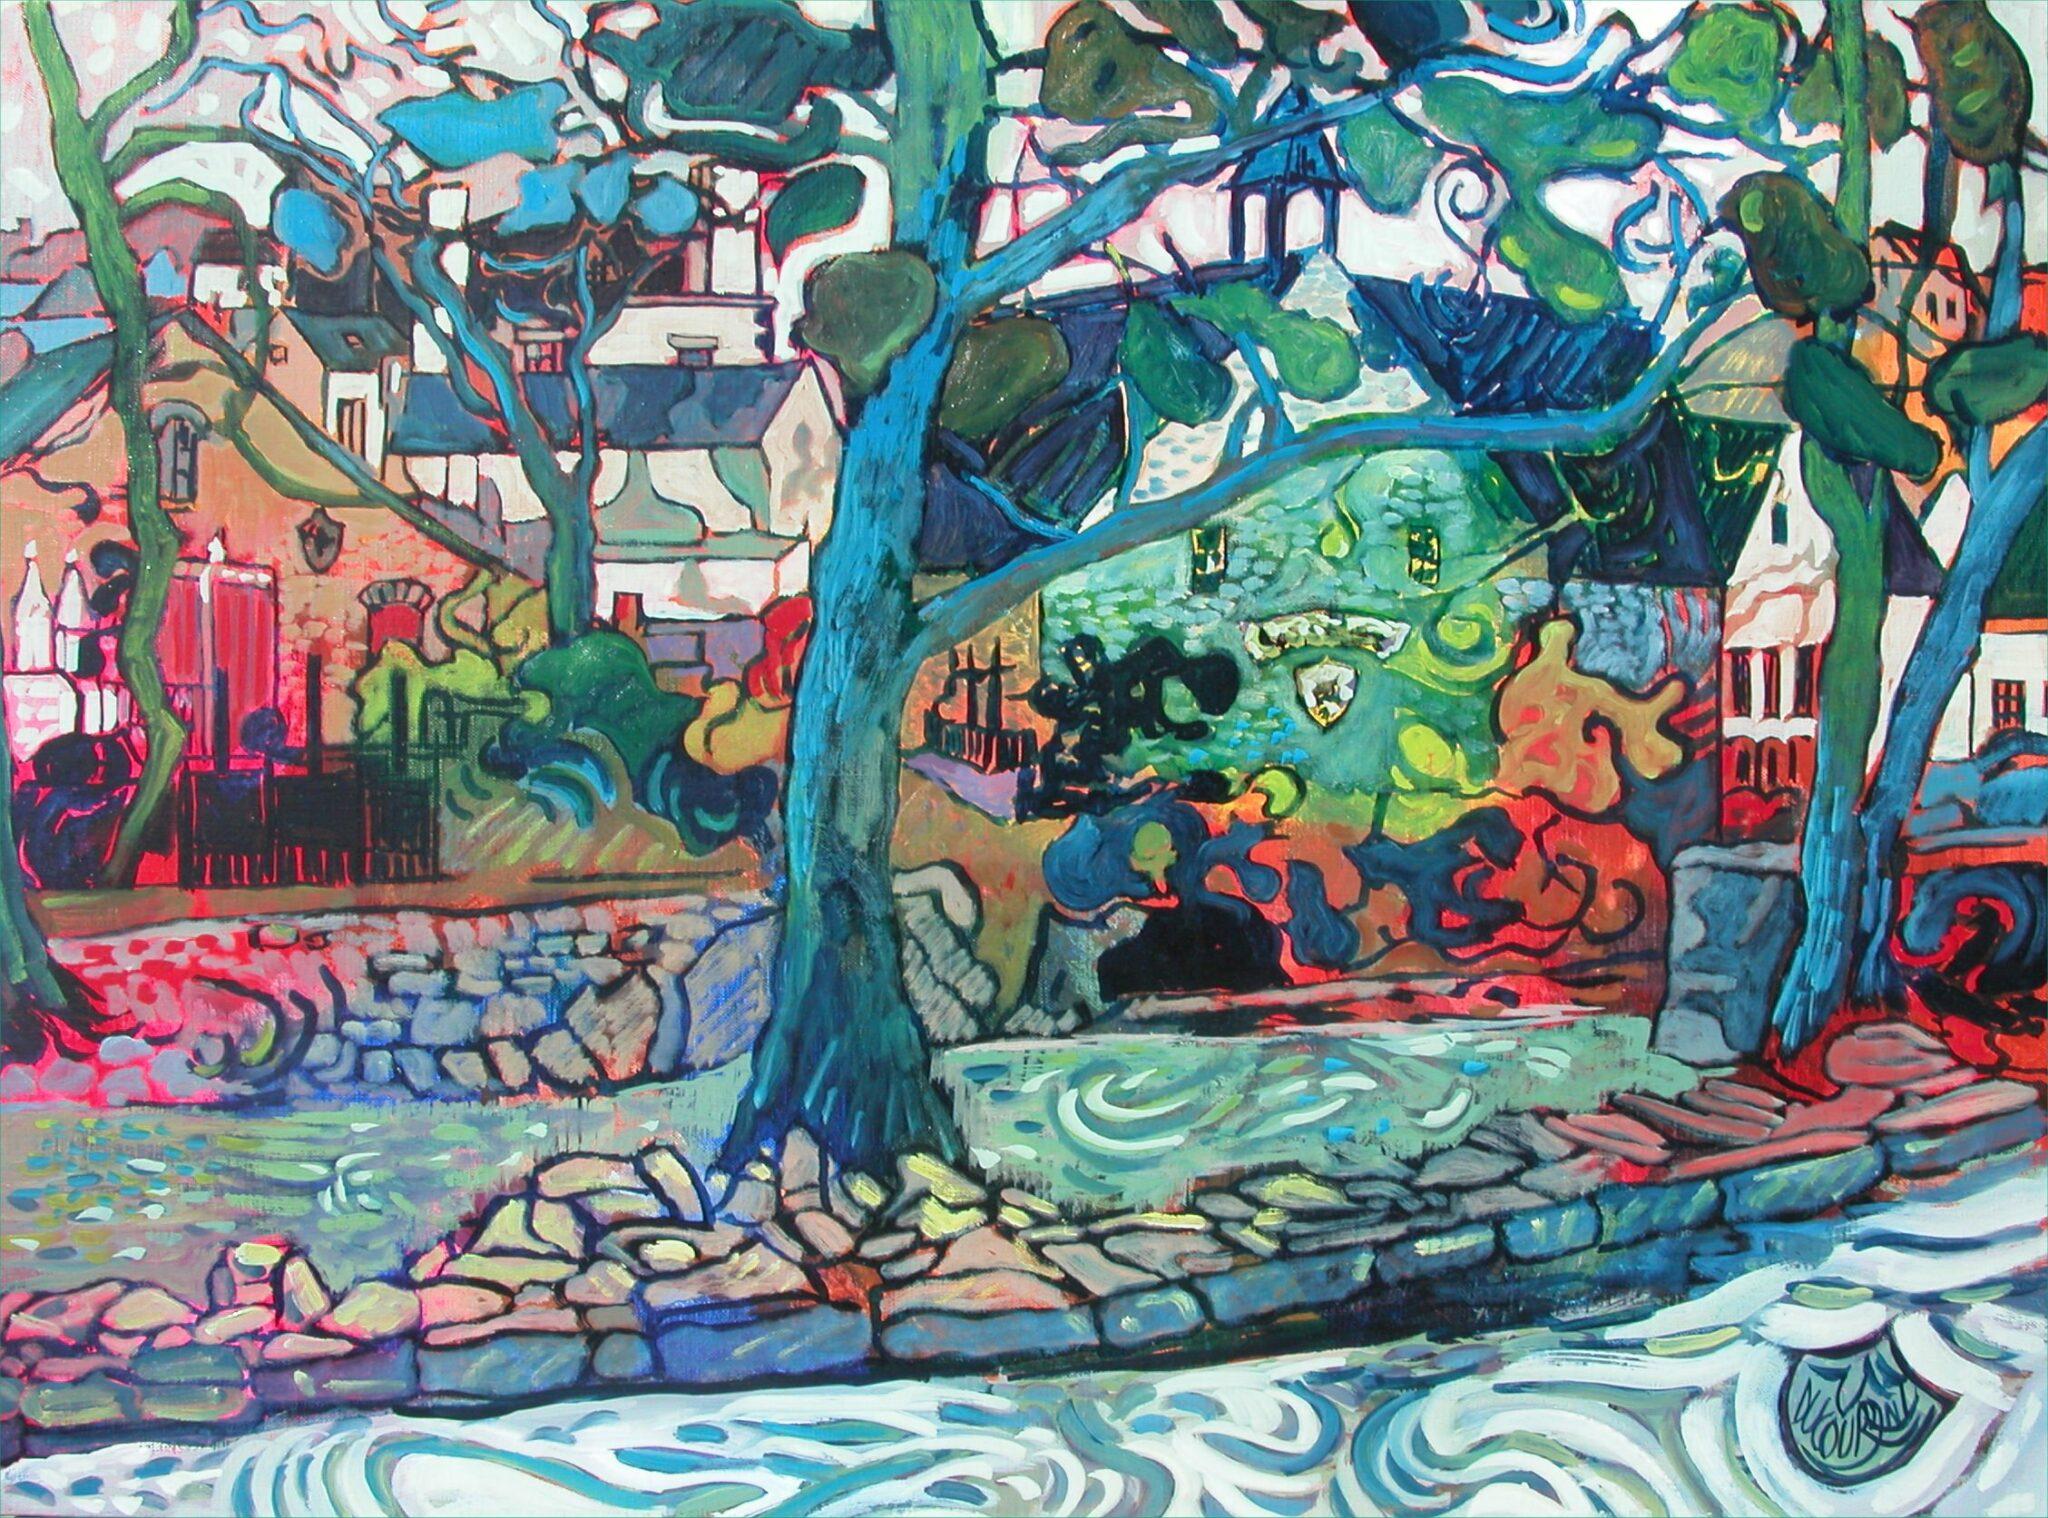 Roz Madec sur Aven - 81x60cm - 2008